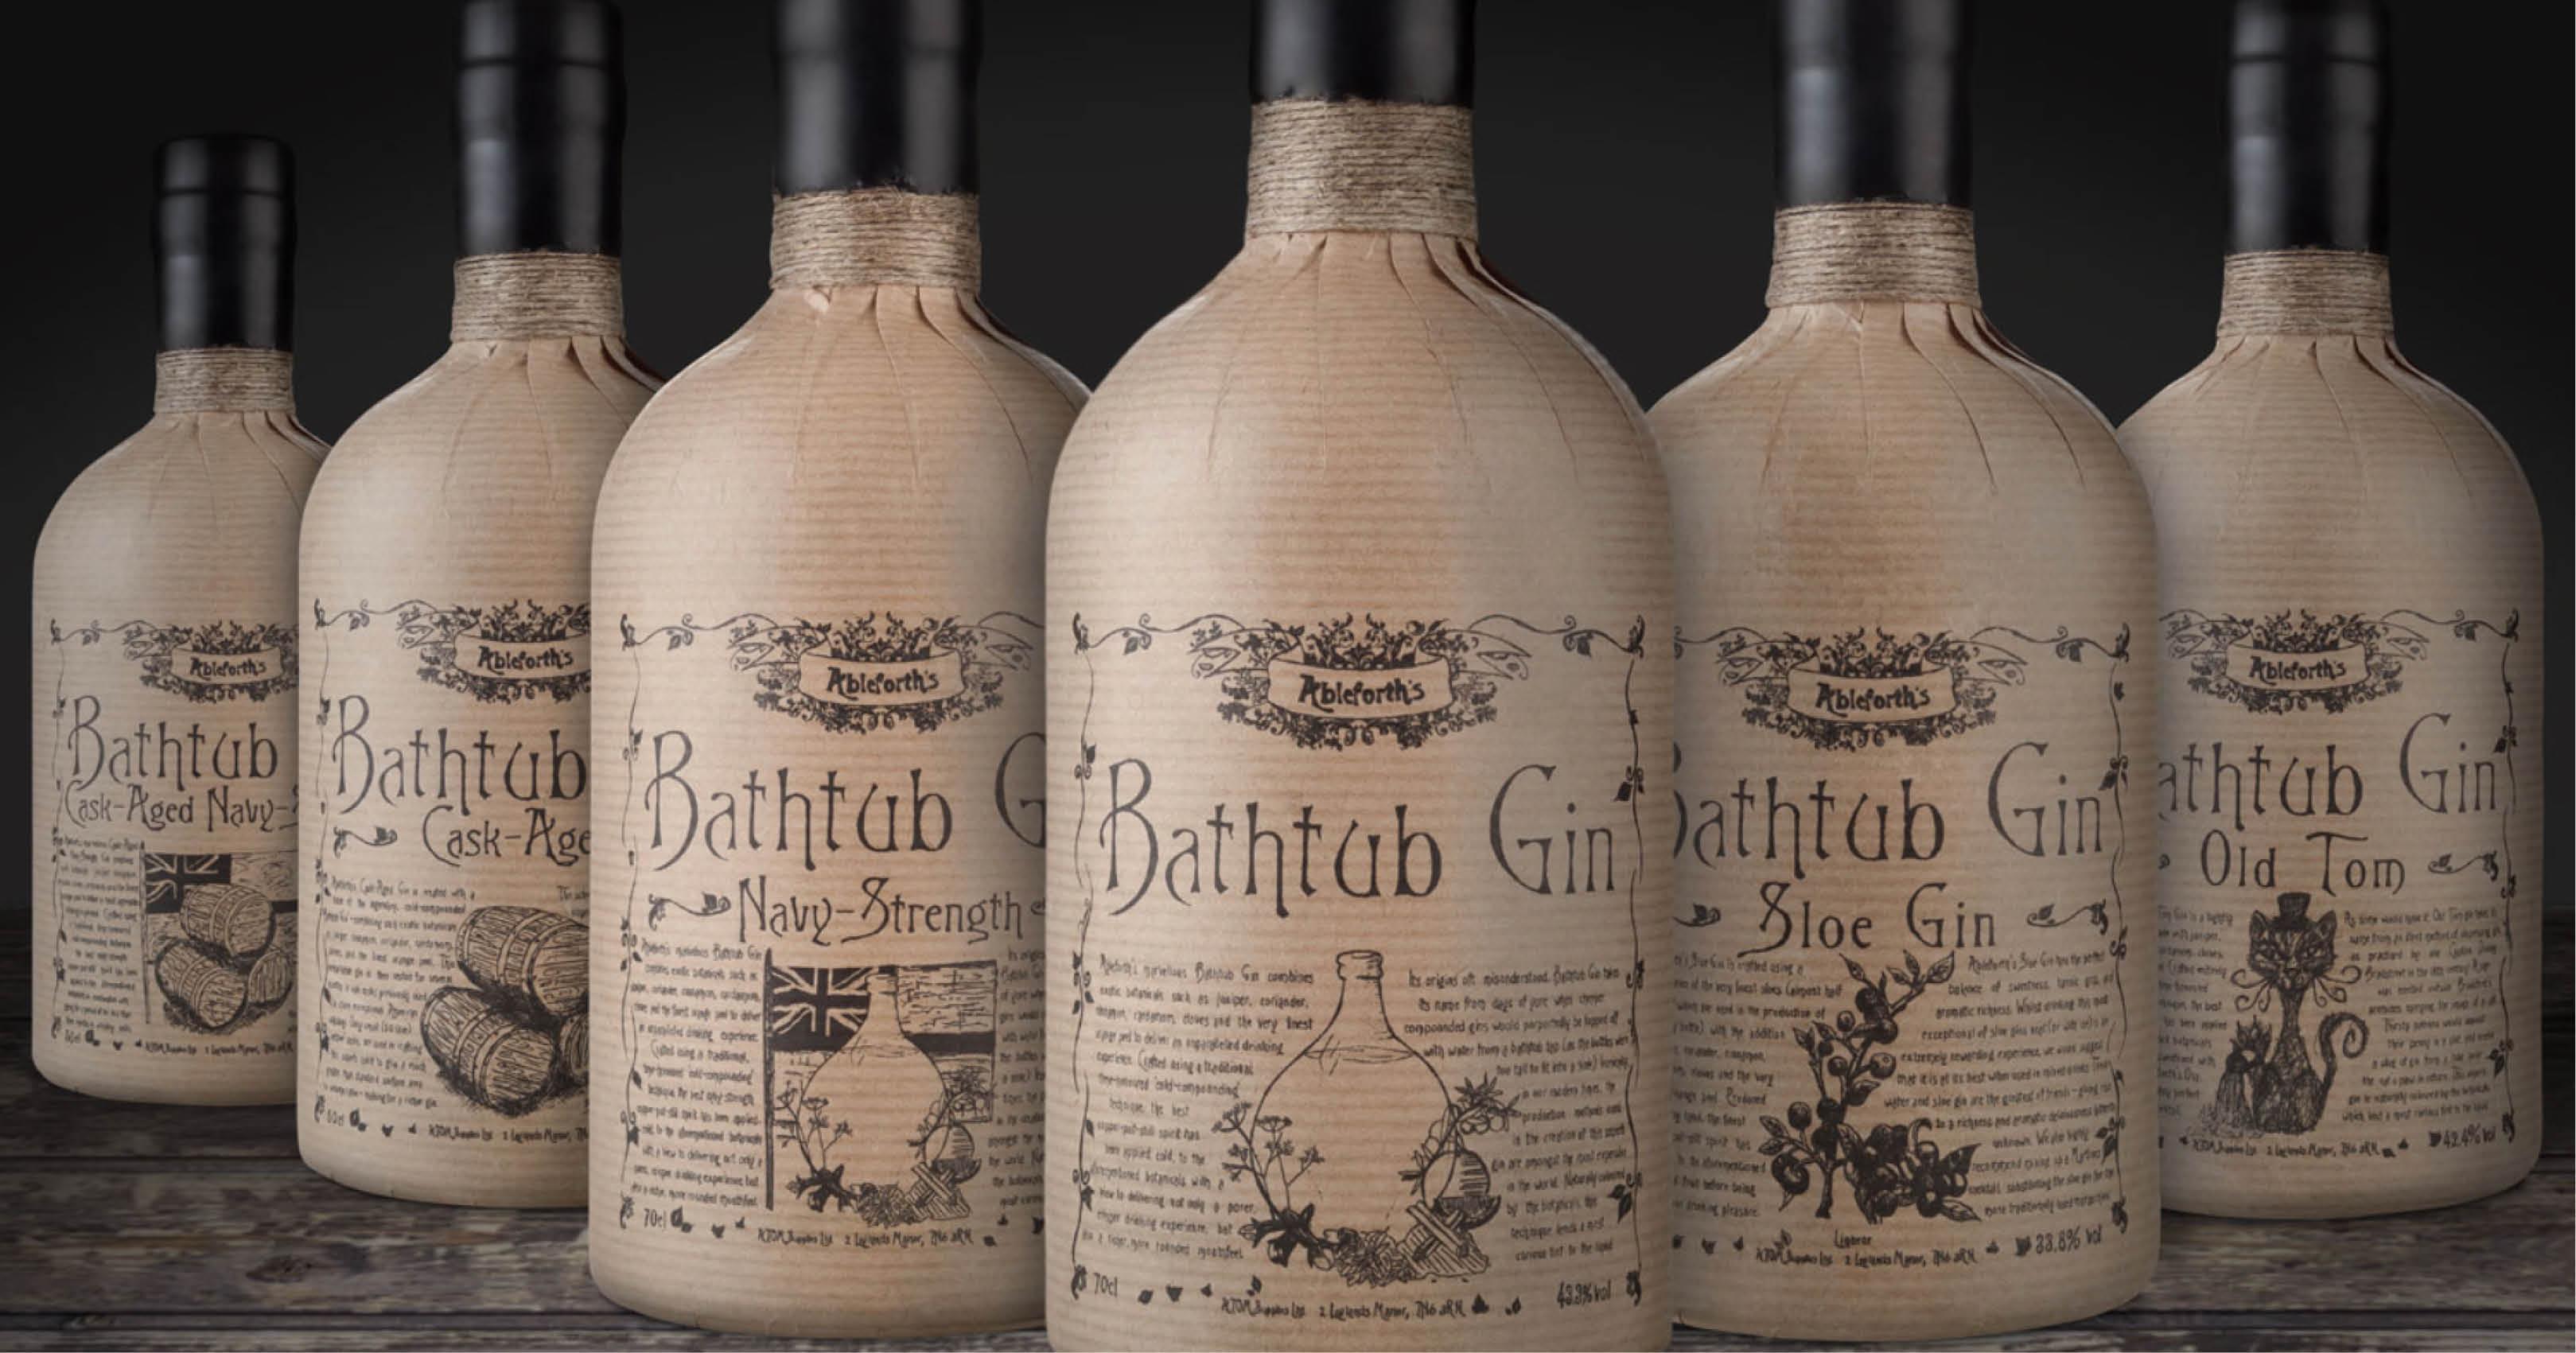 Ableforth S Bathtub Gin